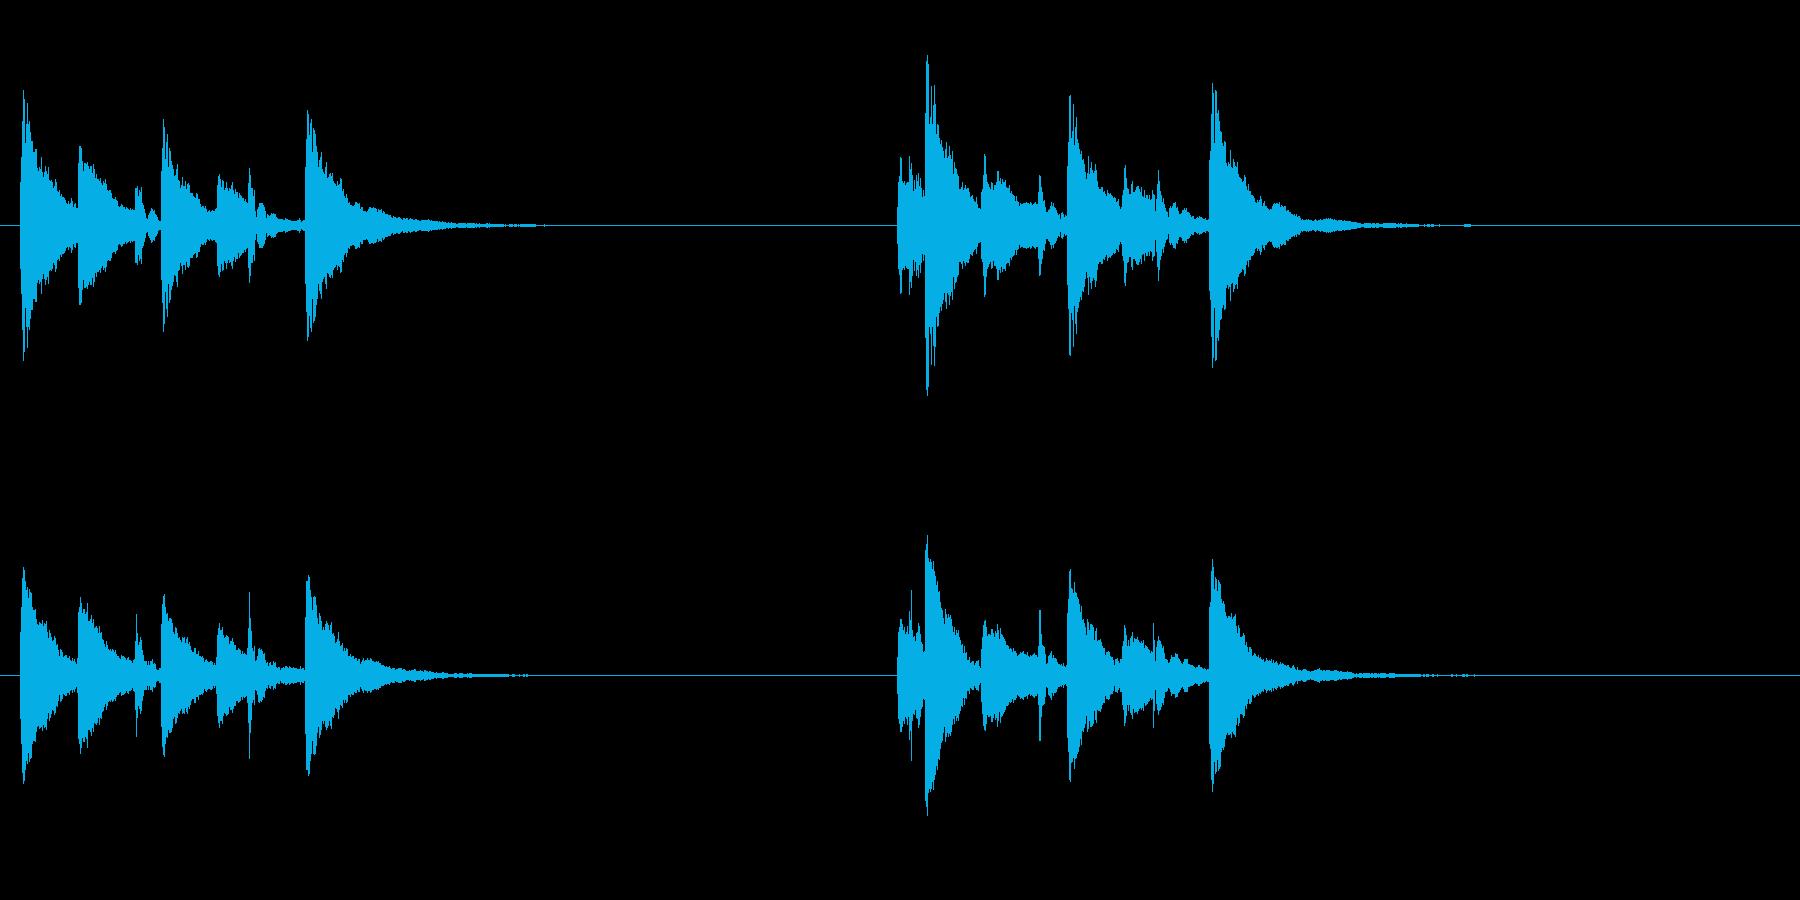 土着的トーキングドラムのフレーズ音+FXの再生済みの波形